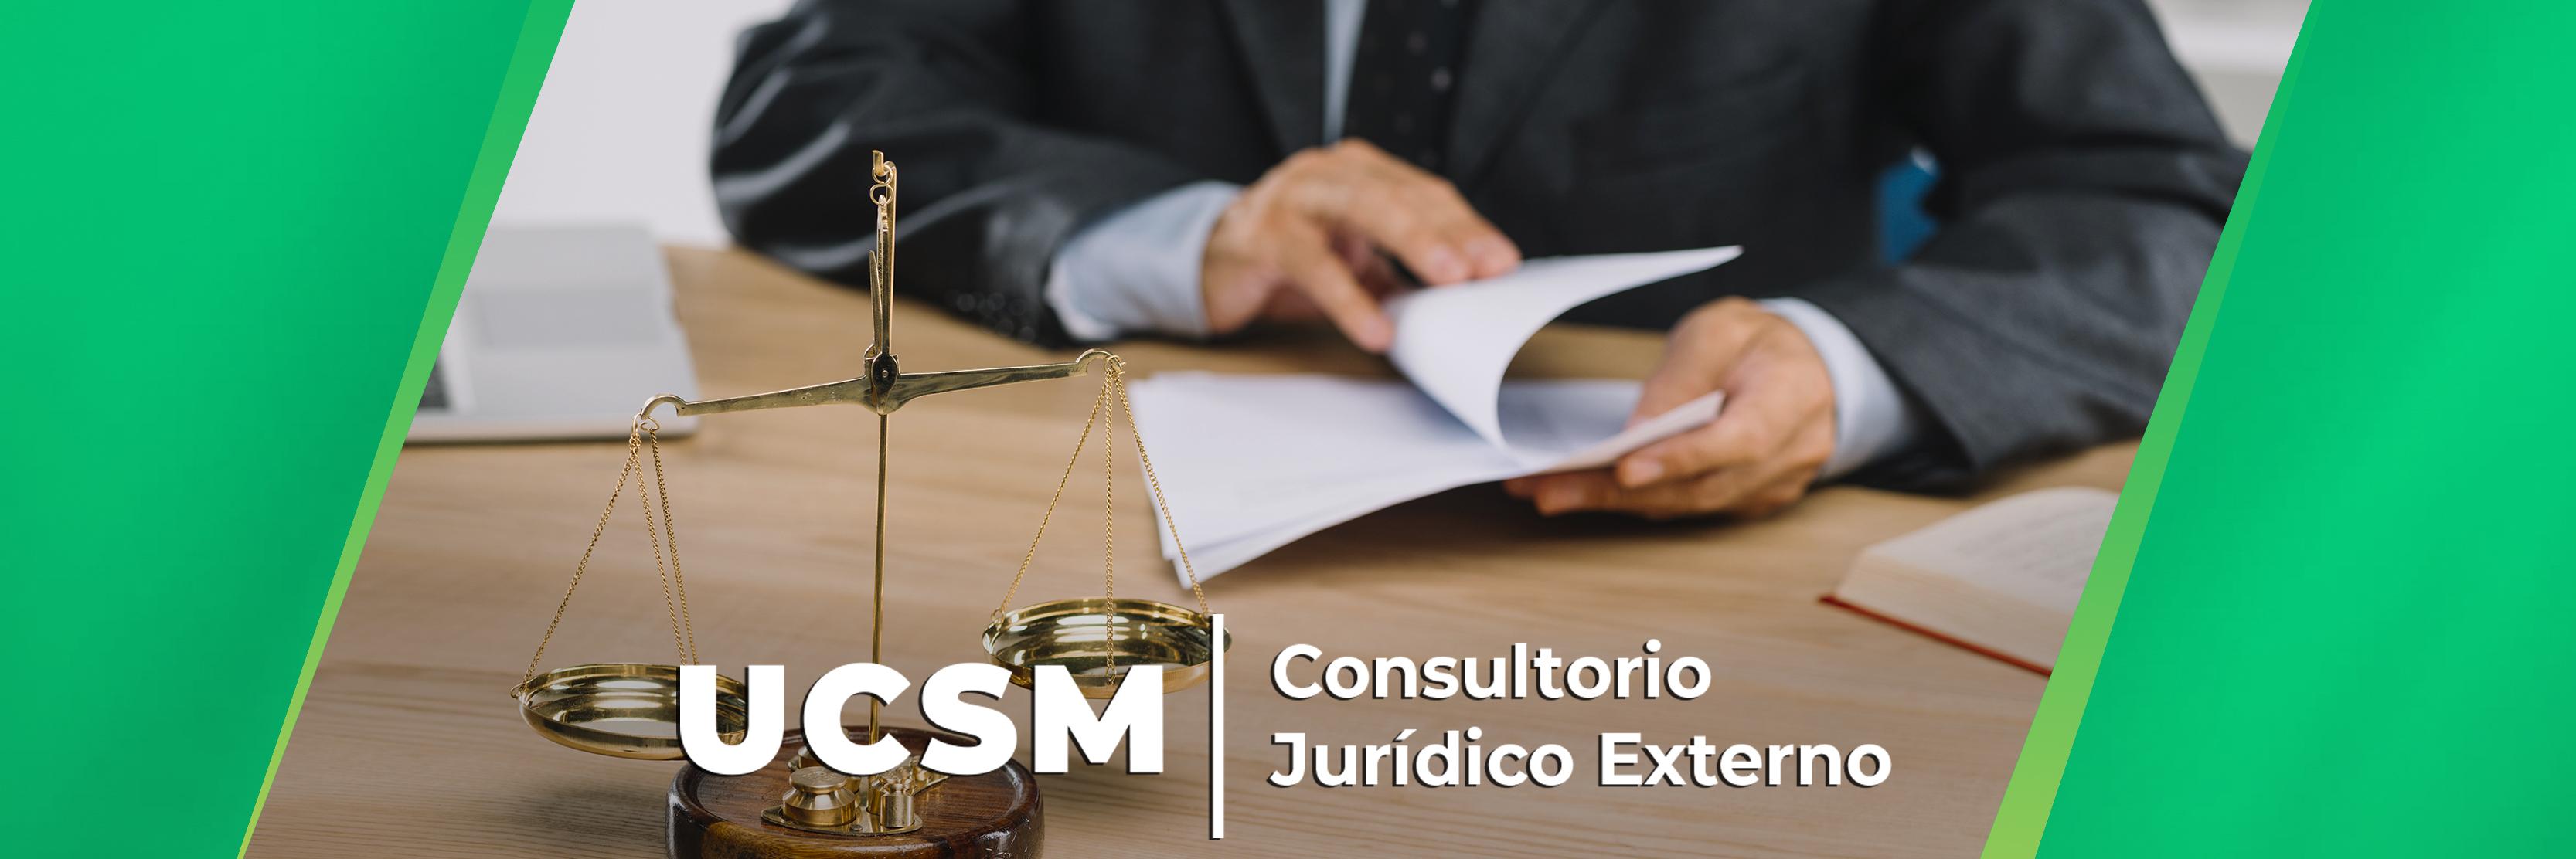 consultorio-juridico-ucsm